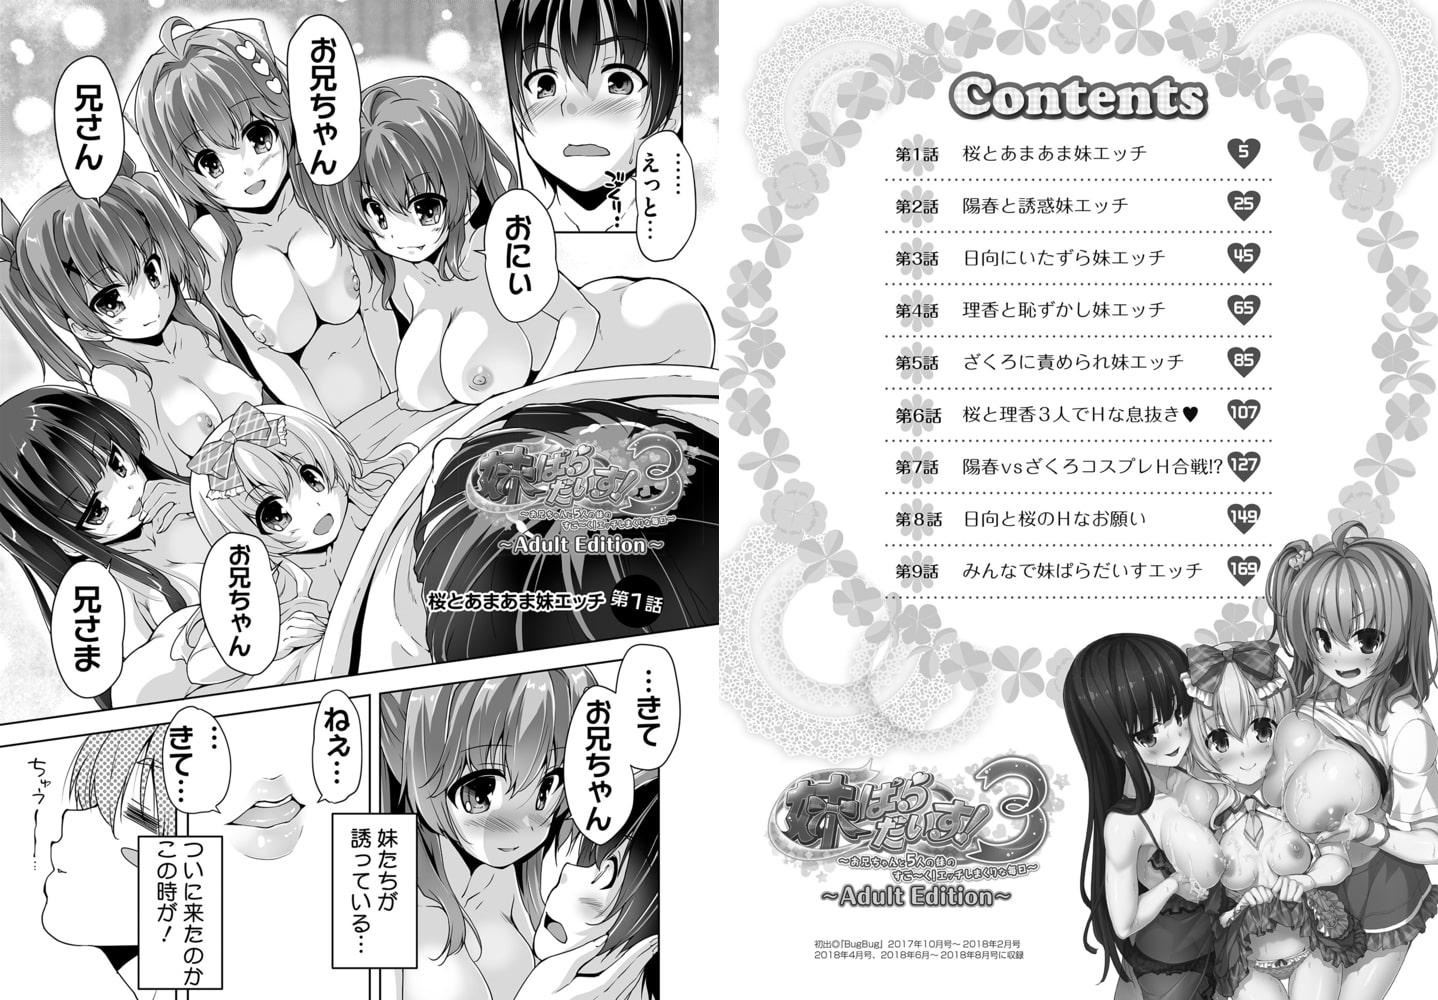 妹ぱらだいす! 3 ~Adult Edition~